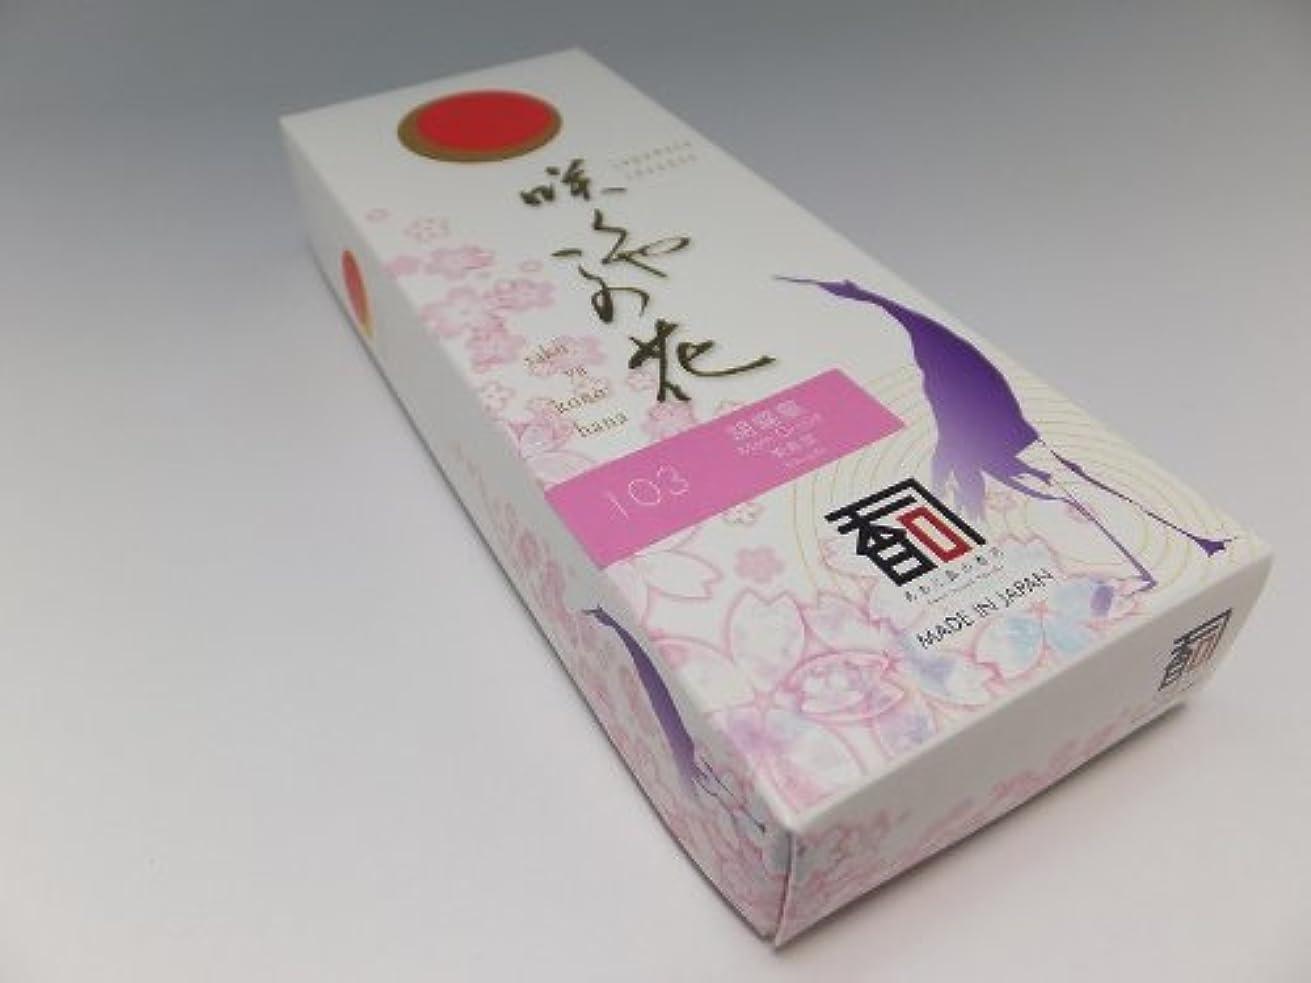 スロースイング払い戻し「あわじ島の香司」 日本の香りシリーズ  [咲くや この花] 【103】 胡蝶蘭 (有煙)